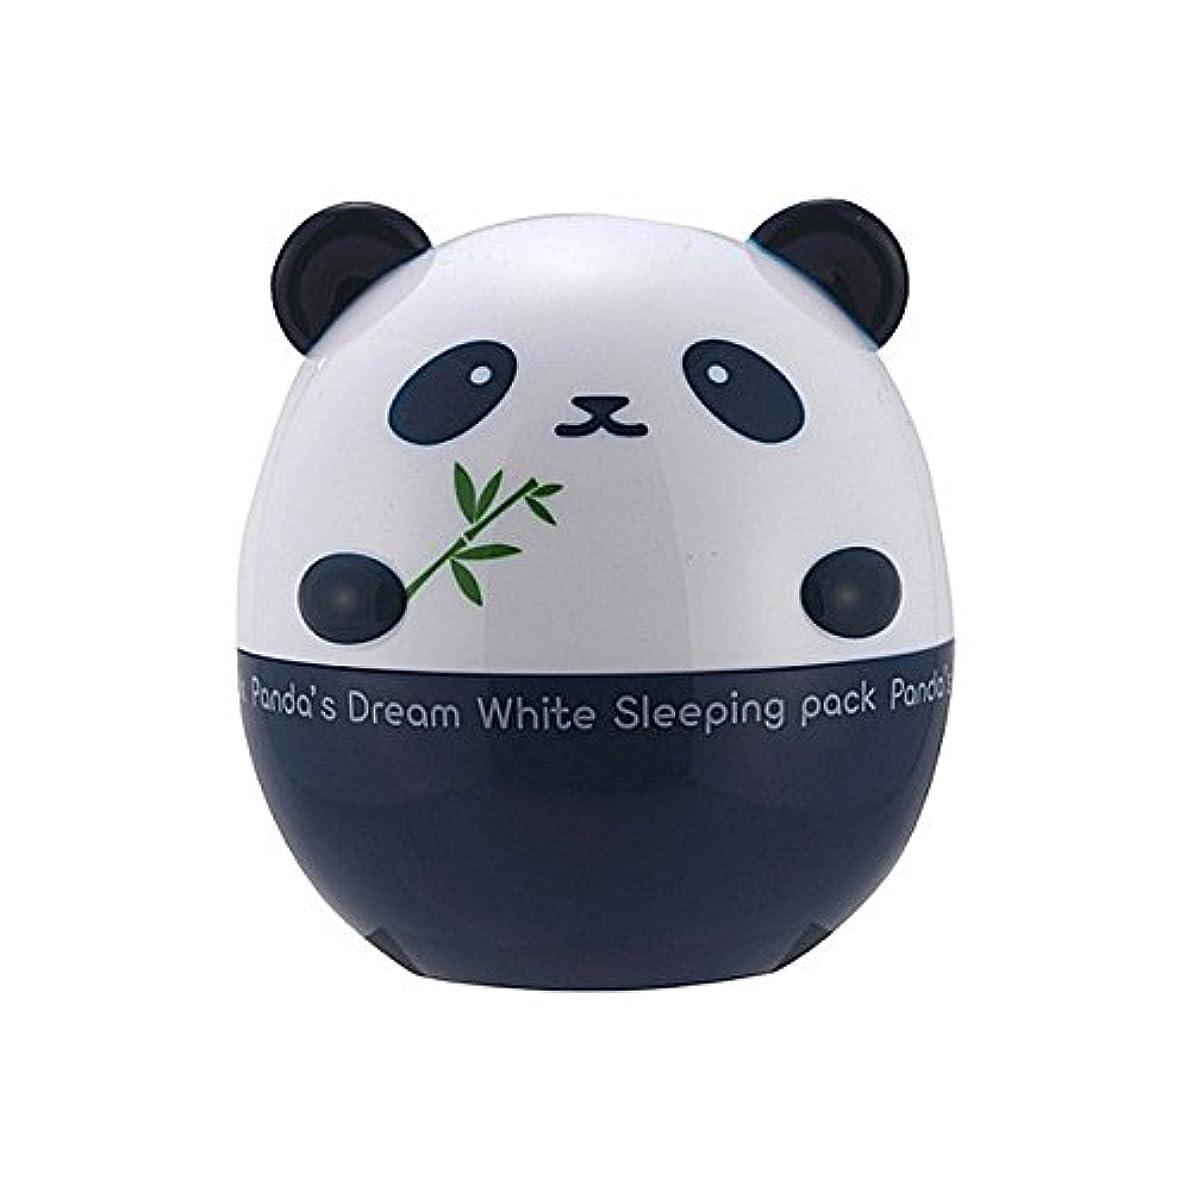 ルート飲み込む啓示トニーモリーパンダの夢の睡眠パック x4 - Tony Moly Panda's Dream Sleeping Pack (Pack of 4) [並行輸入品]